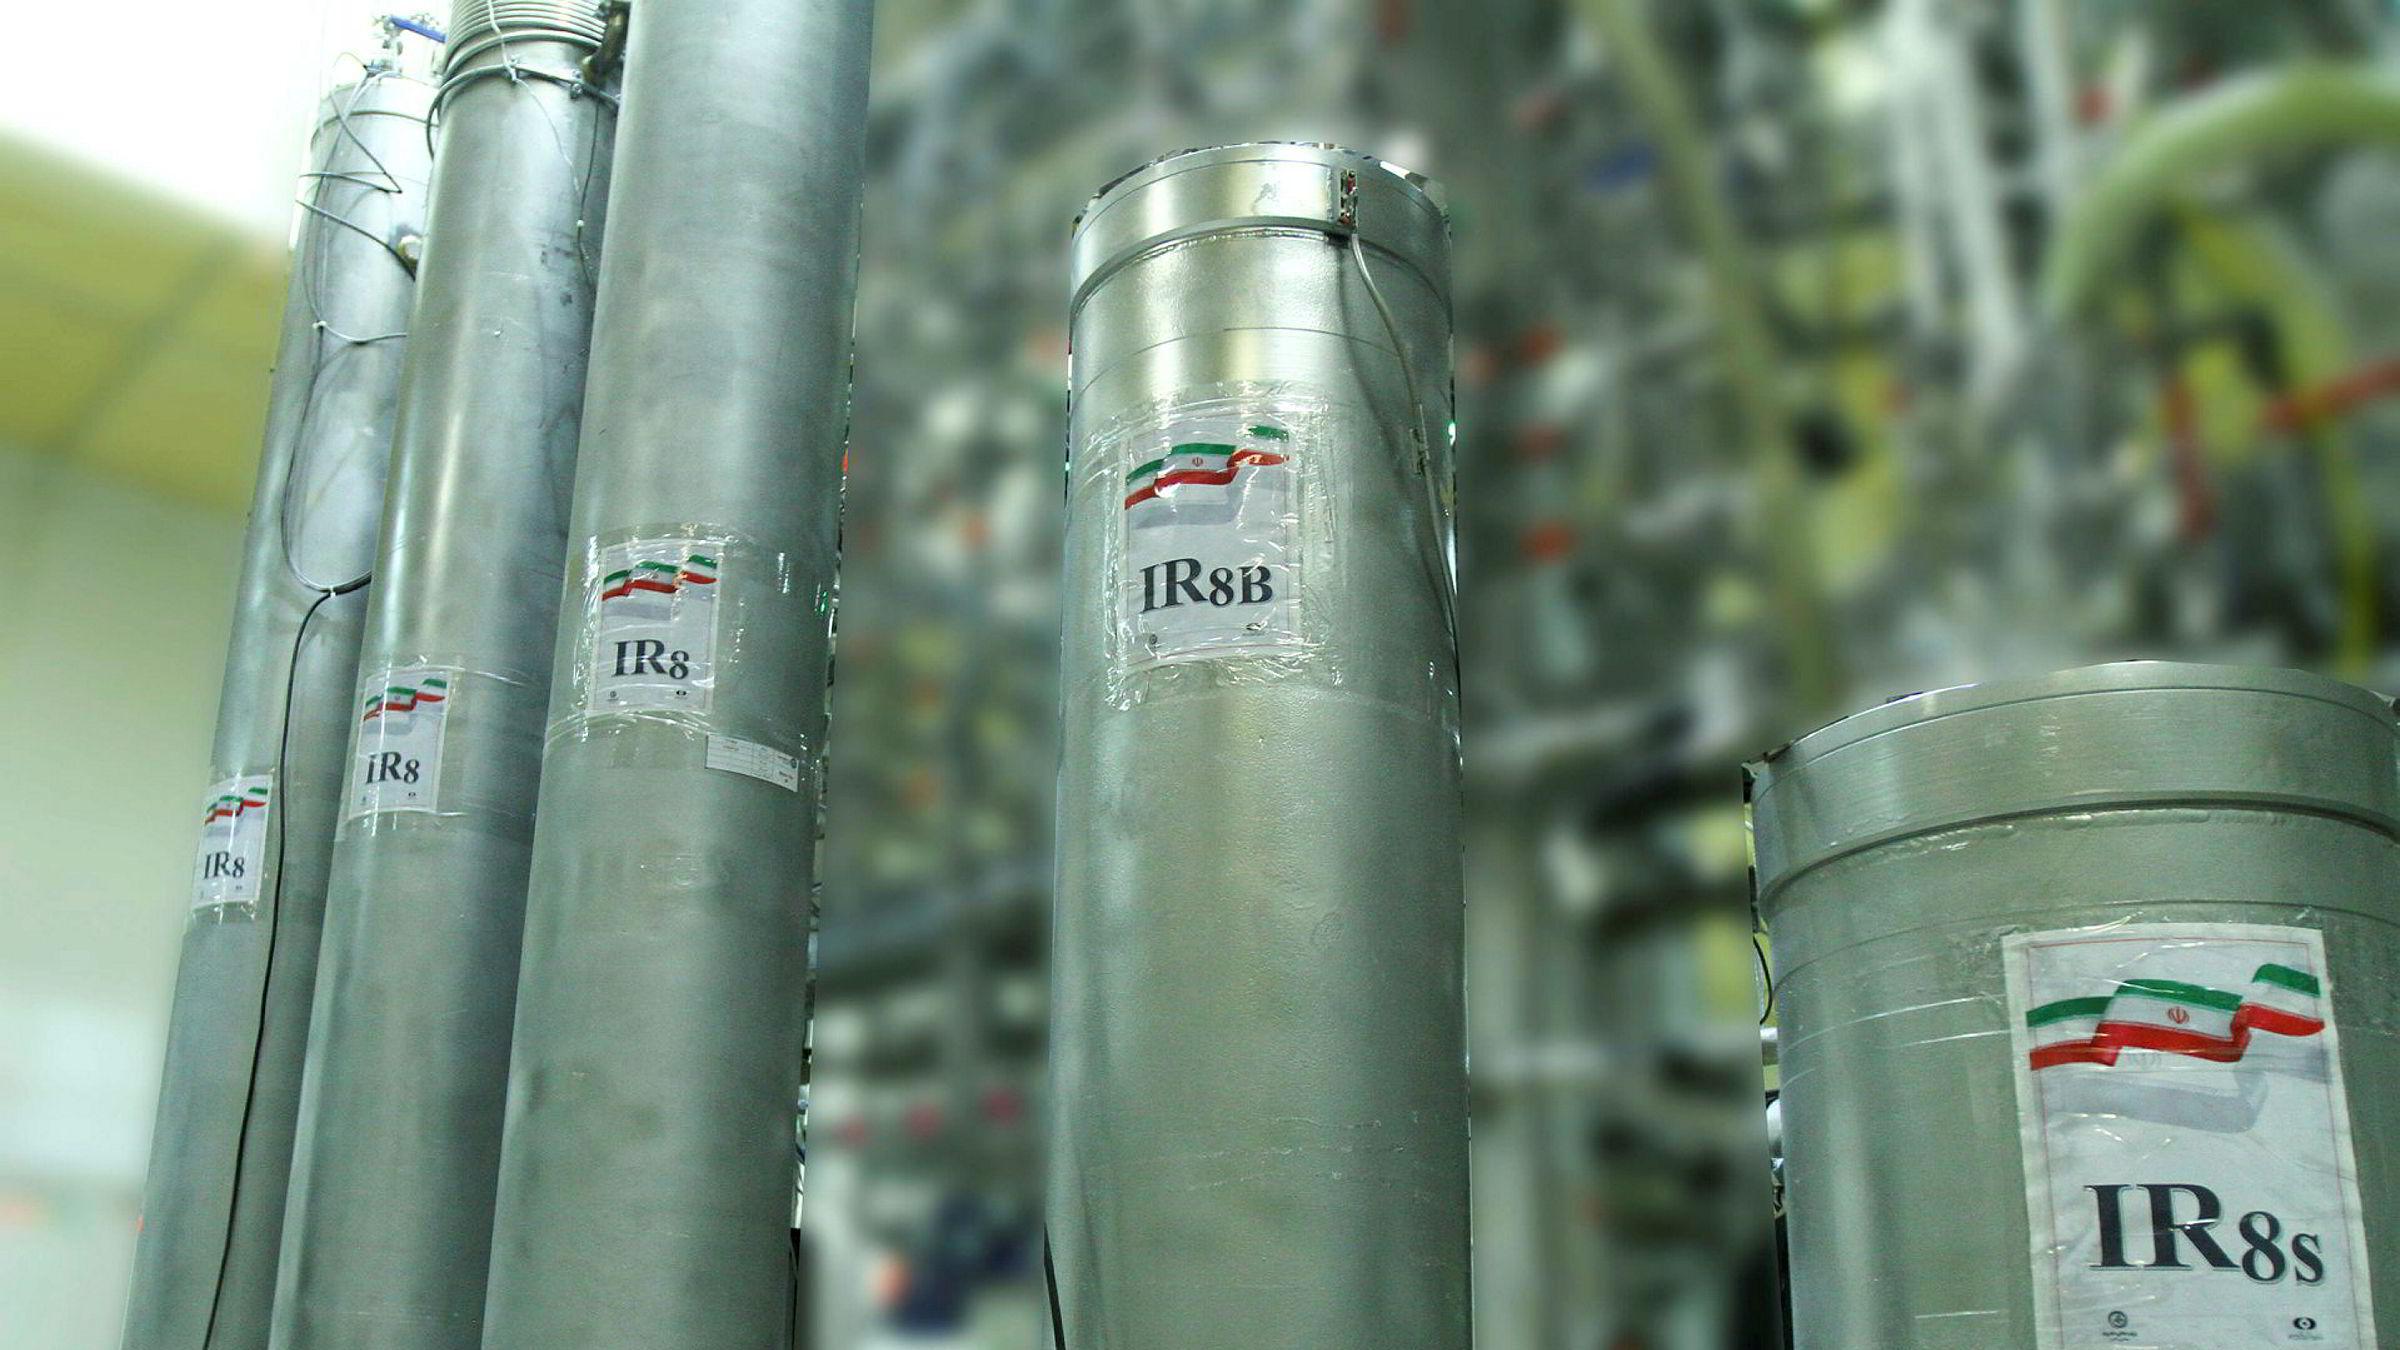 Iran vil starte anriking av uran som er i brudd med den internasjonale atomavtalen. USA reagerer.